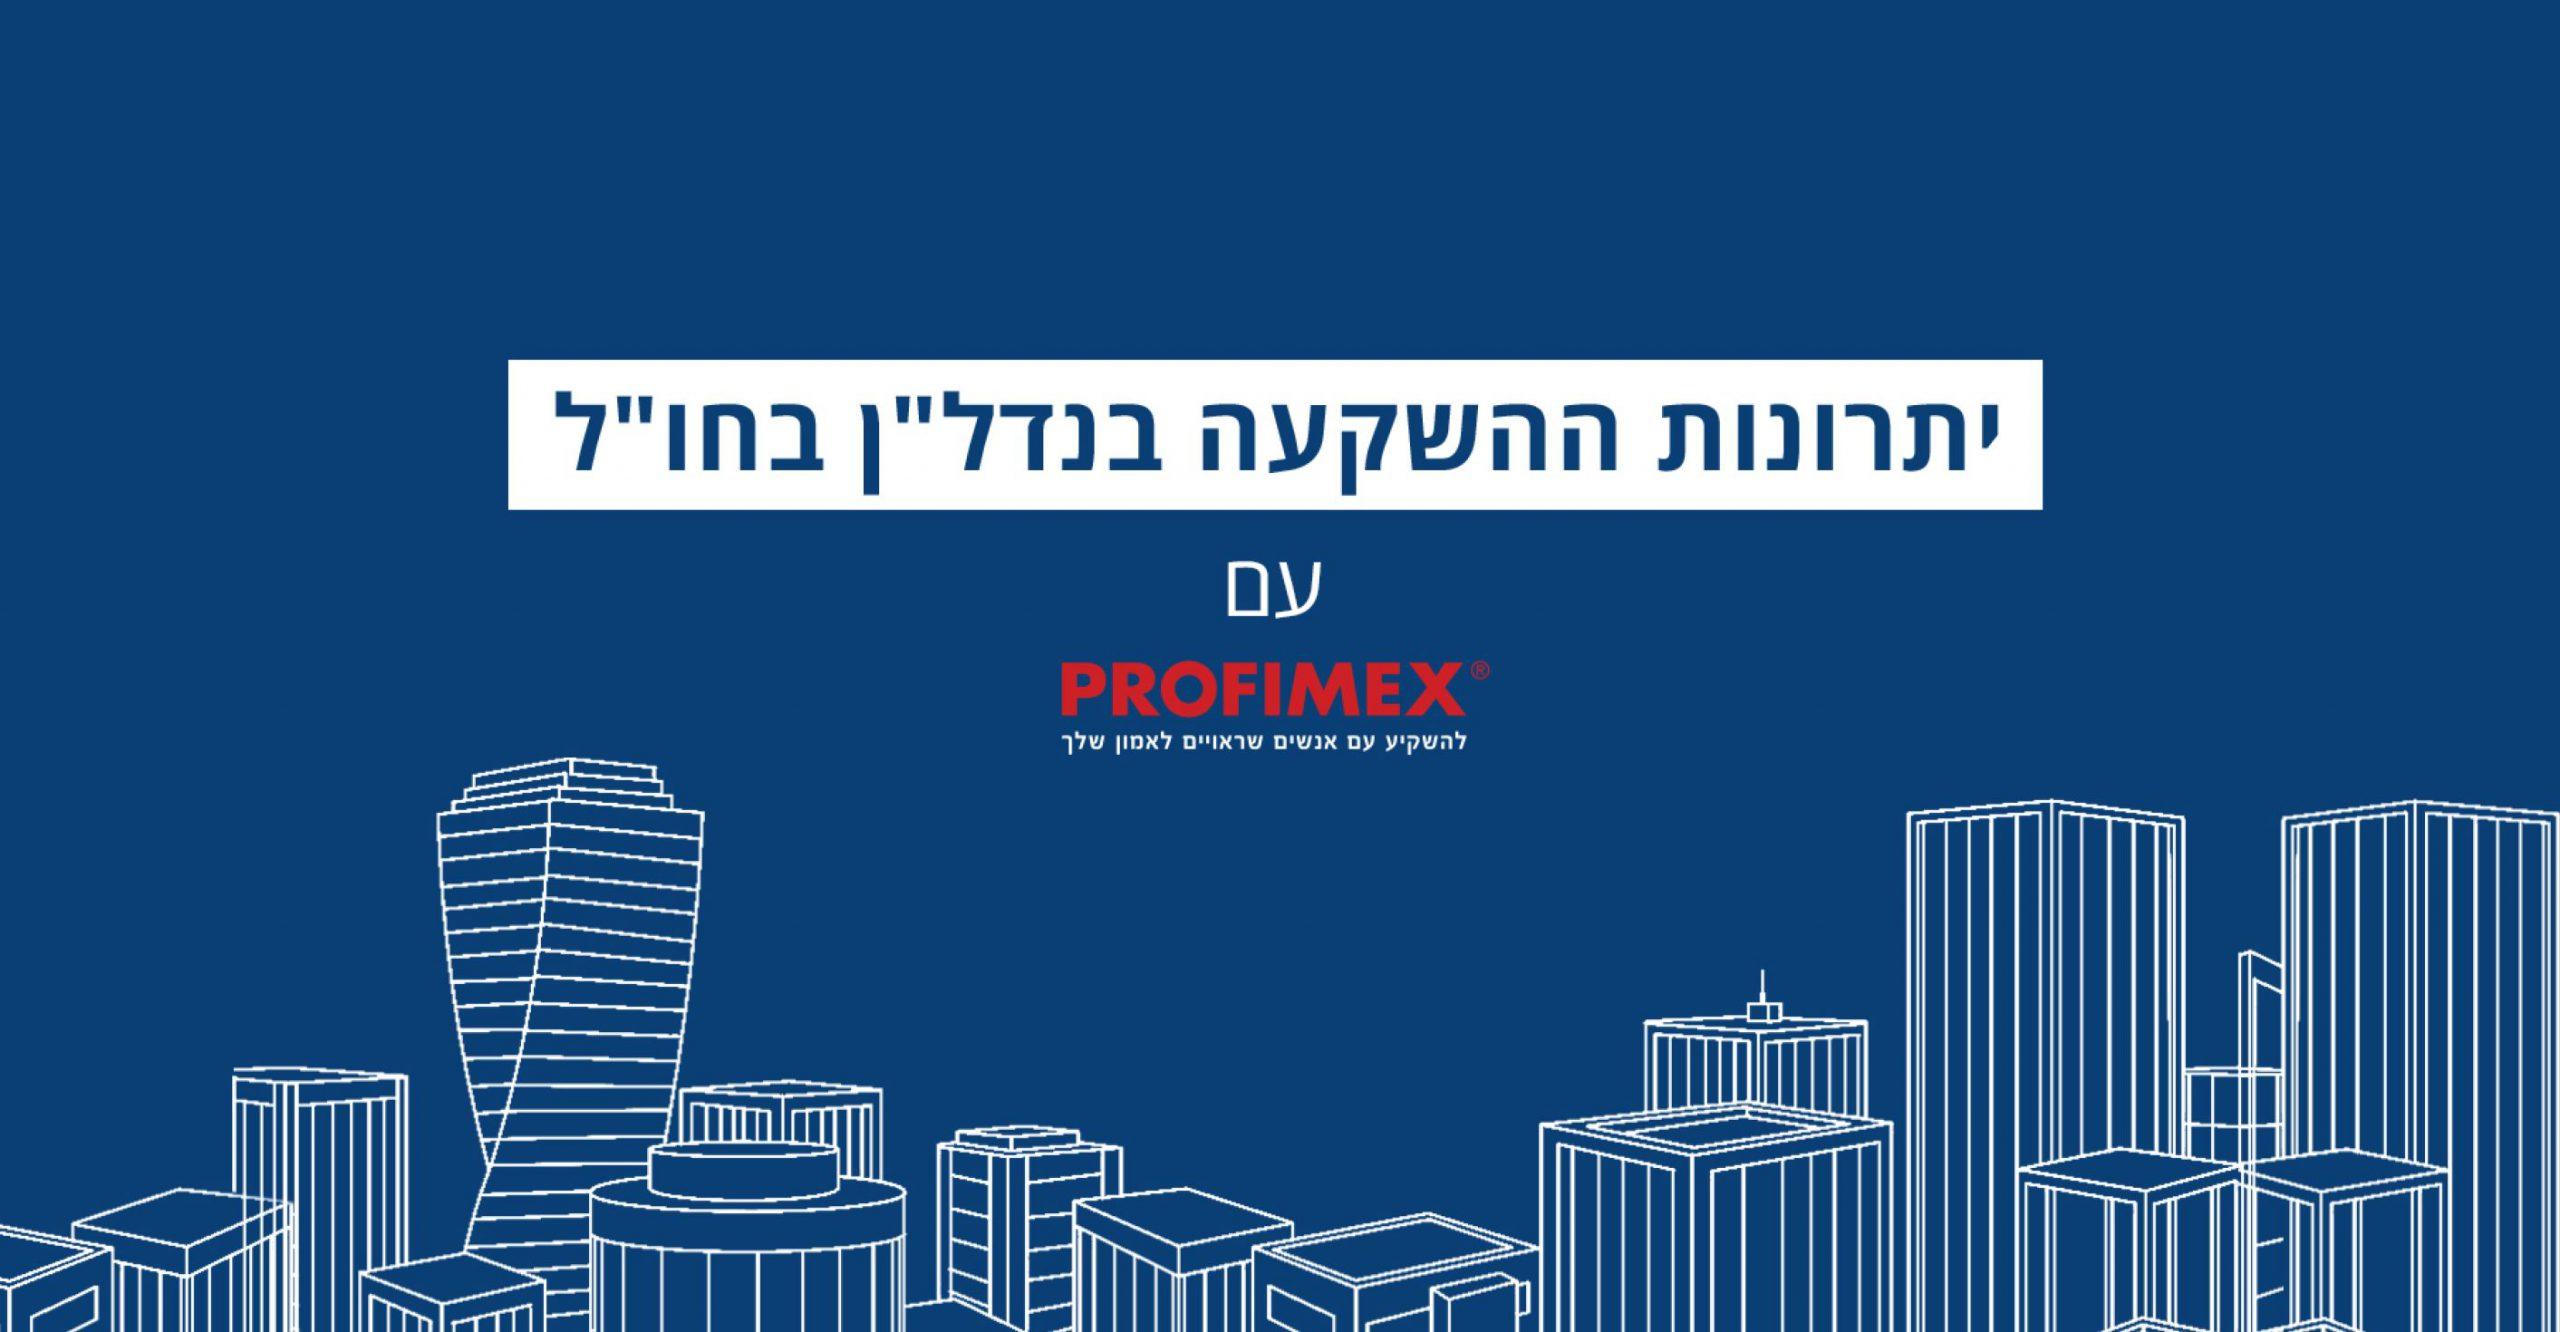 יתרונות השקעה עם פרופימקס